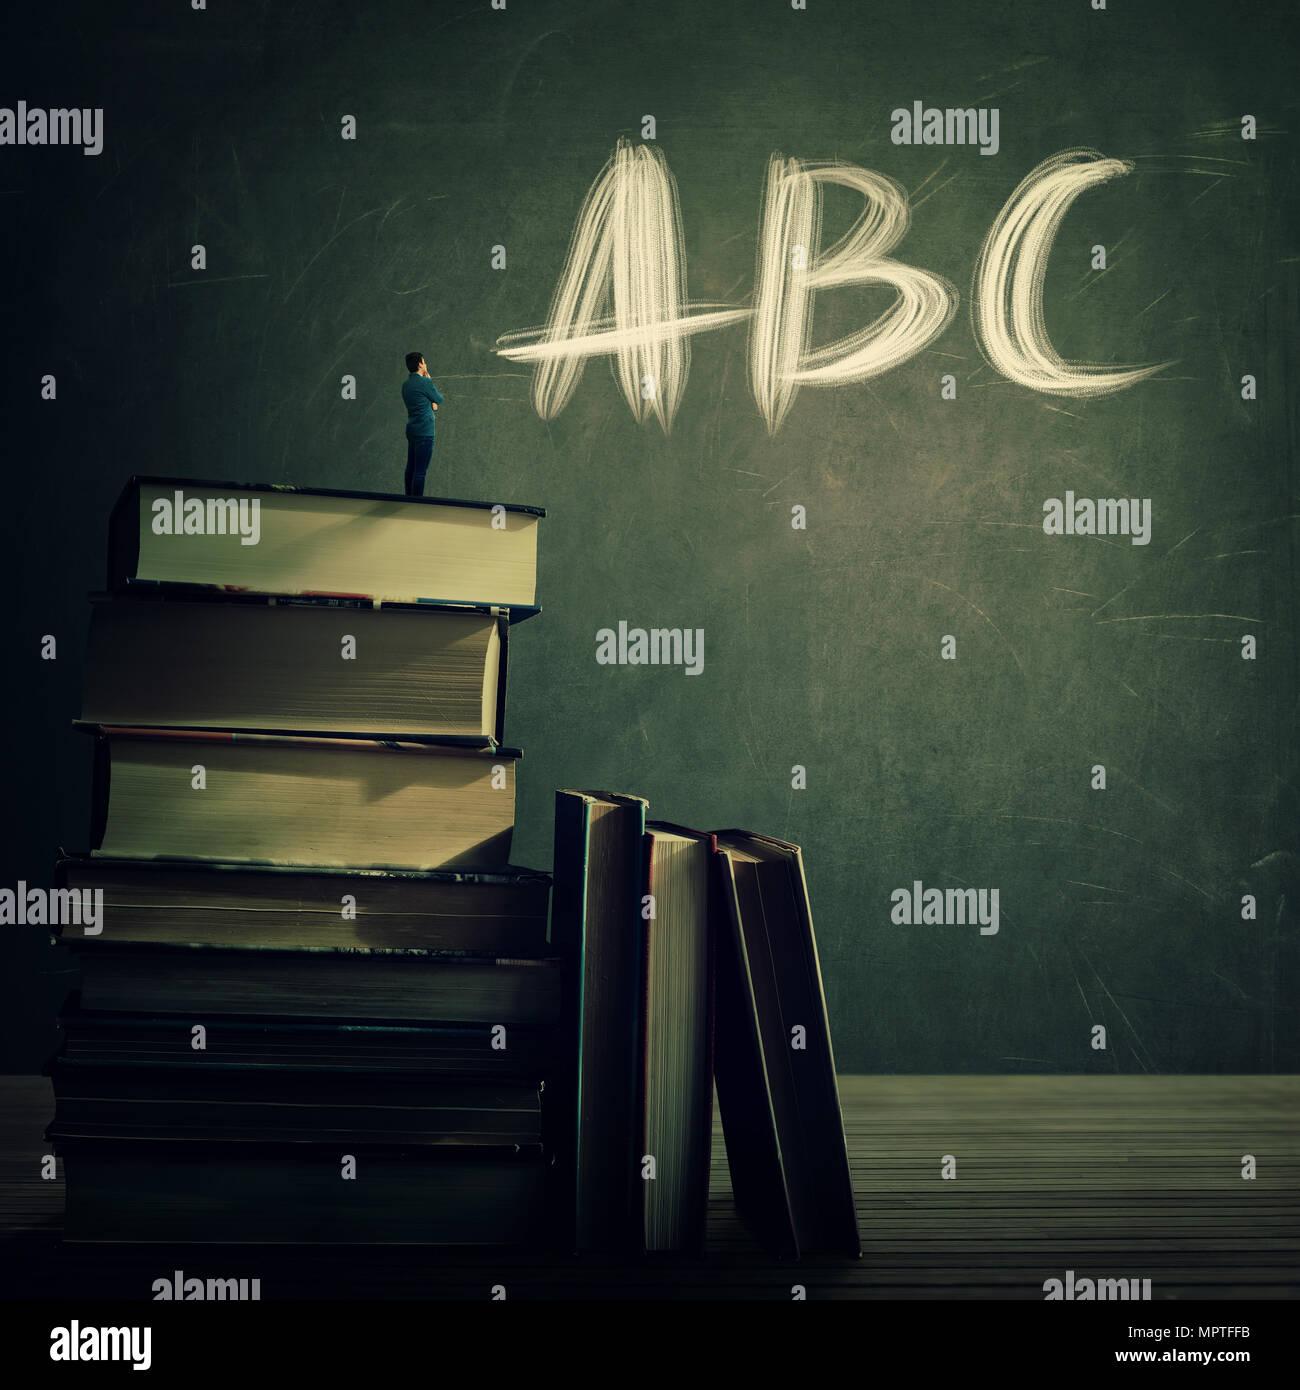 Lehrer stehen an der Spitze eines riesigen Stapel Bücher suchen an der Tafel mit ABC Buchstaben geschrieben. Bildung und Wissen Konzept. Lehre der Praxis f Stockbild